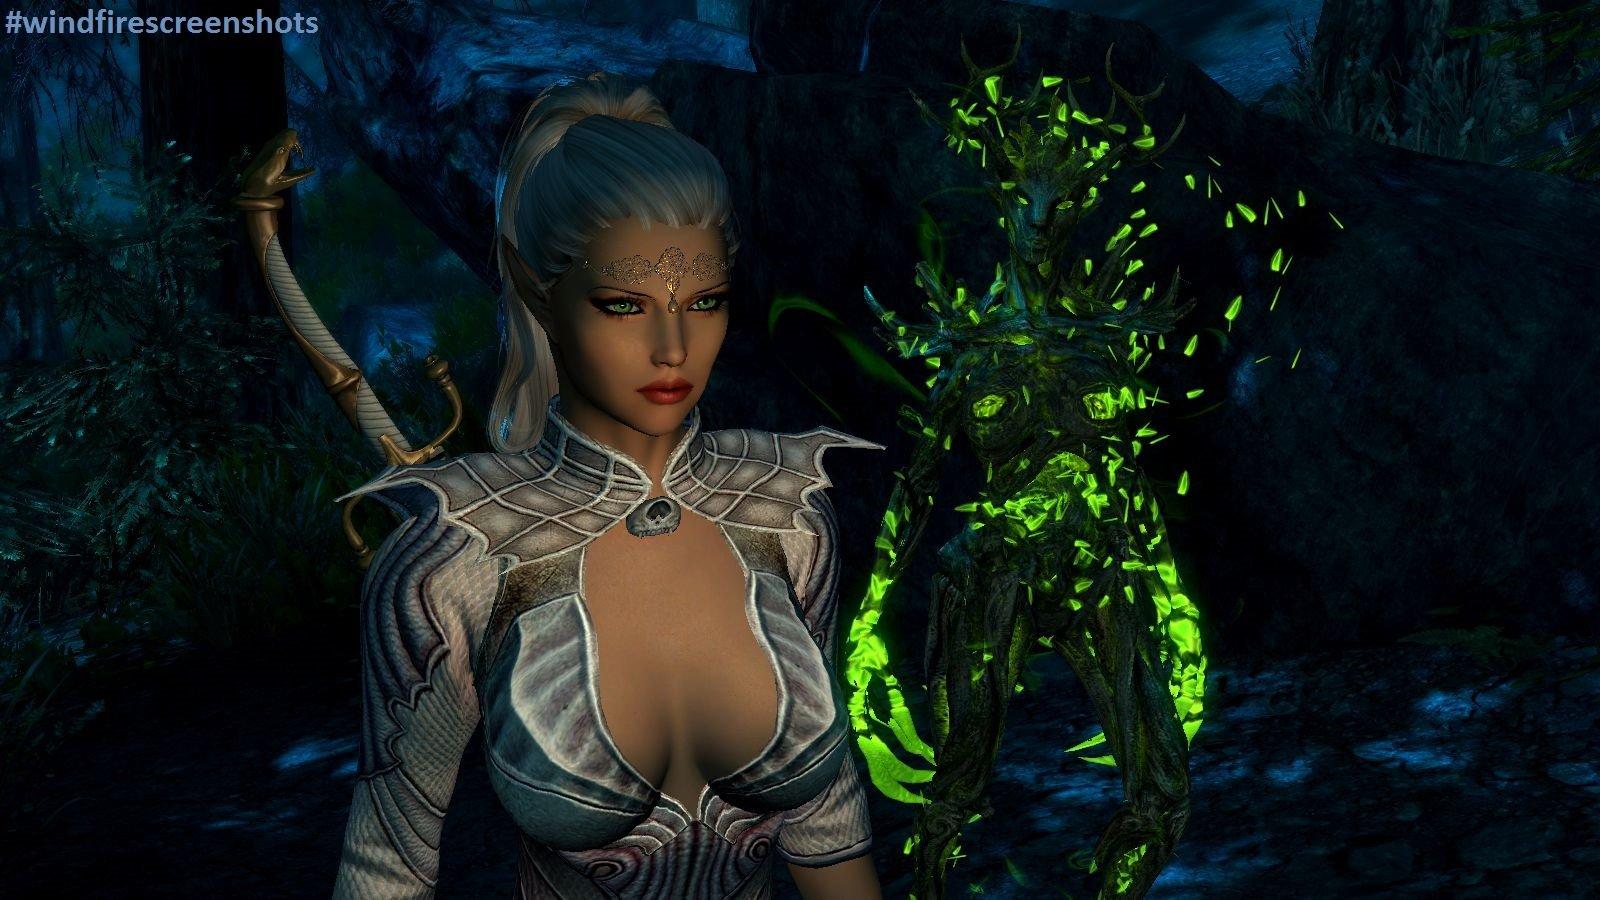 Эльфис, как эльф повеливает стихией природы.